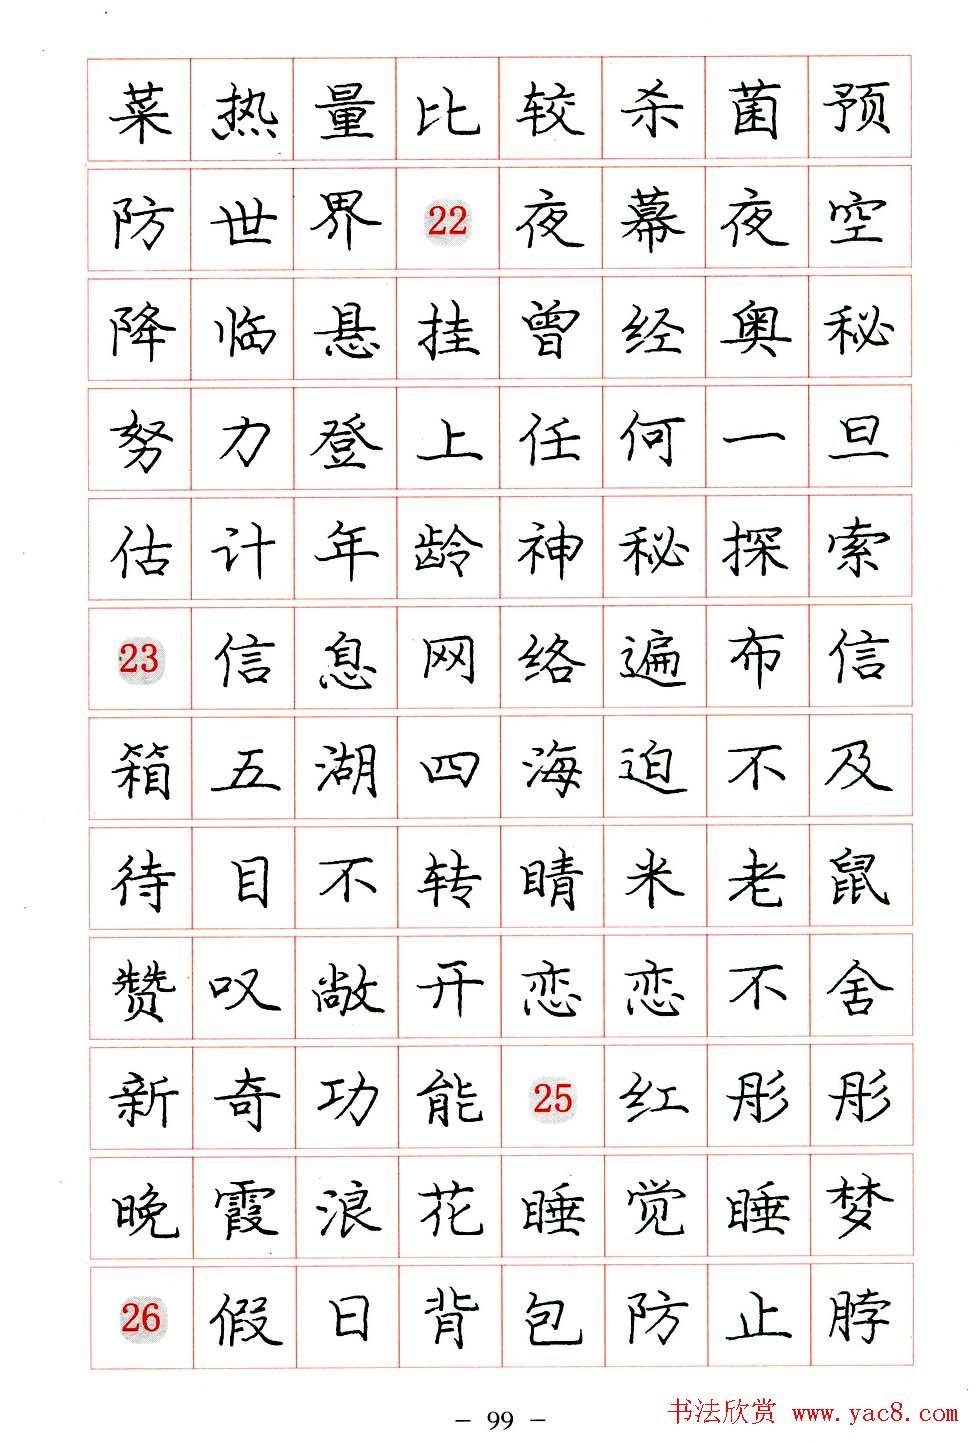 庞中华楷书规范字帖下载.pdf - 第99页 _钢笔字帖图片